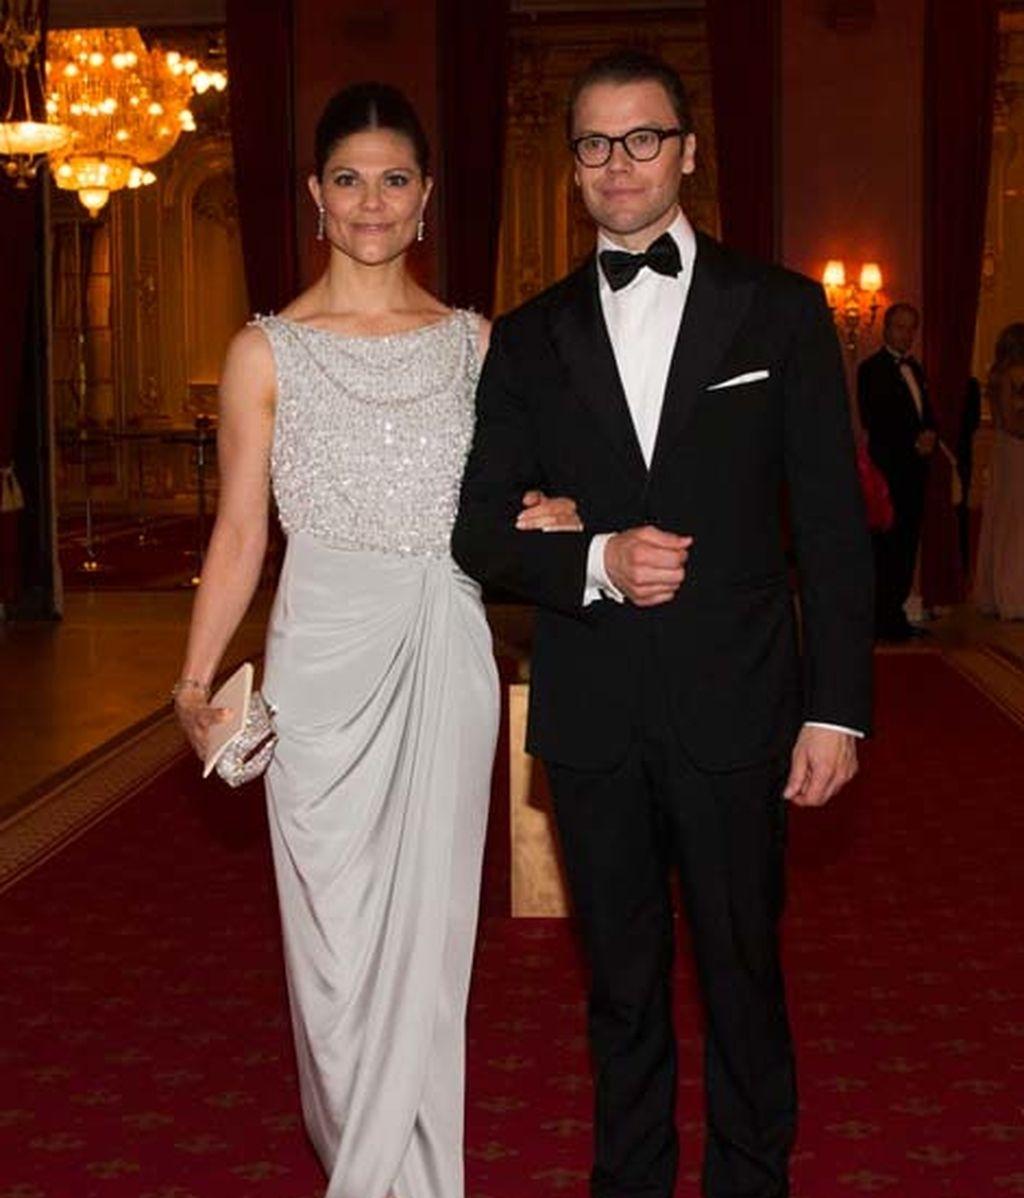 La familia real sueca prepara la boda de Magdalena